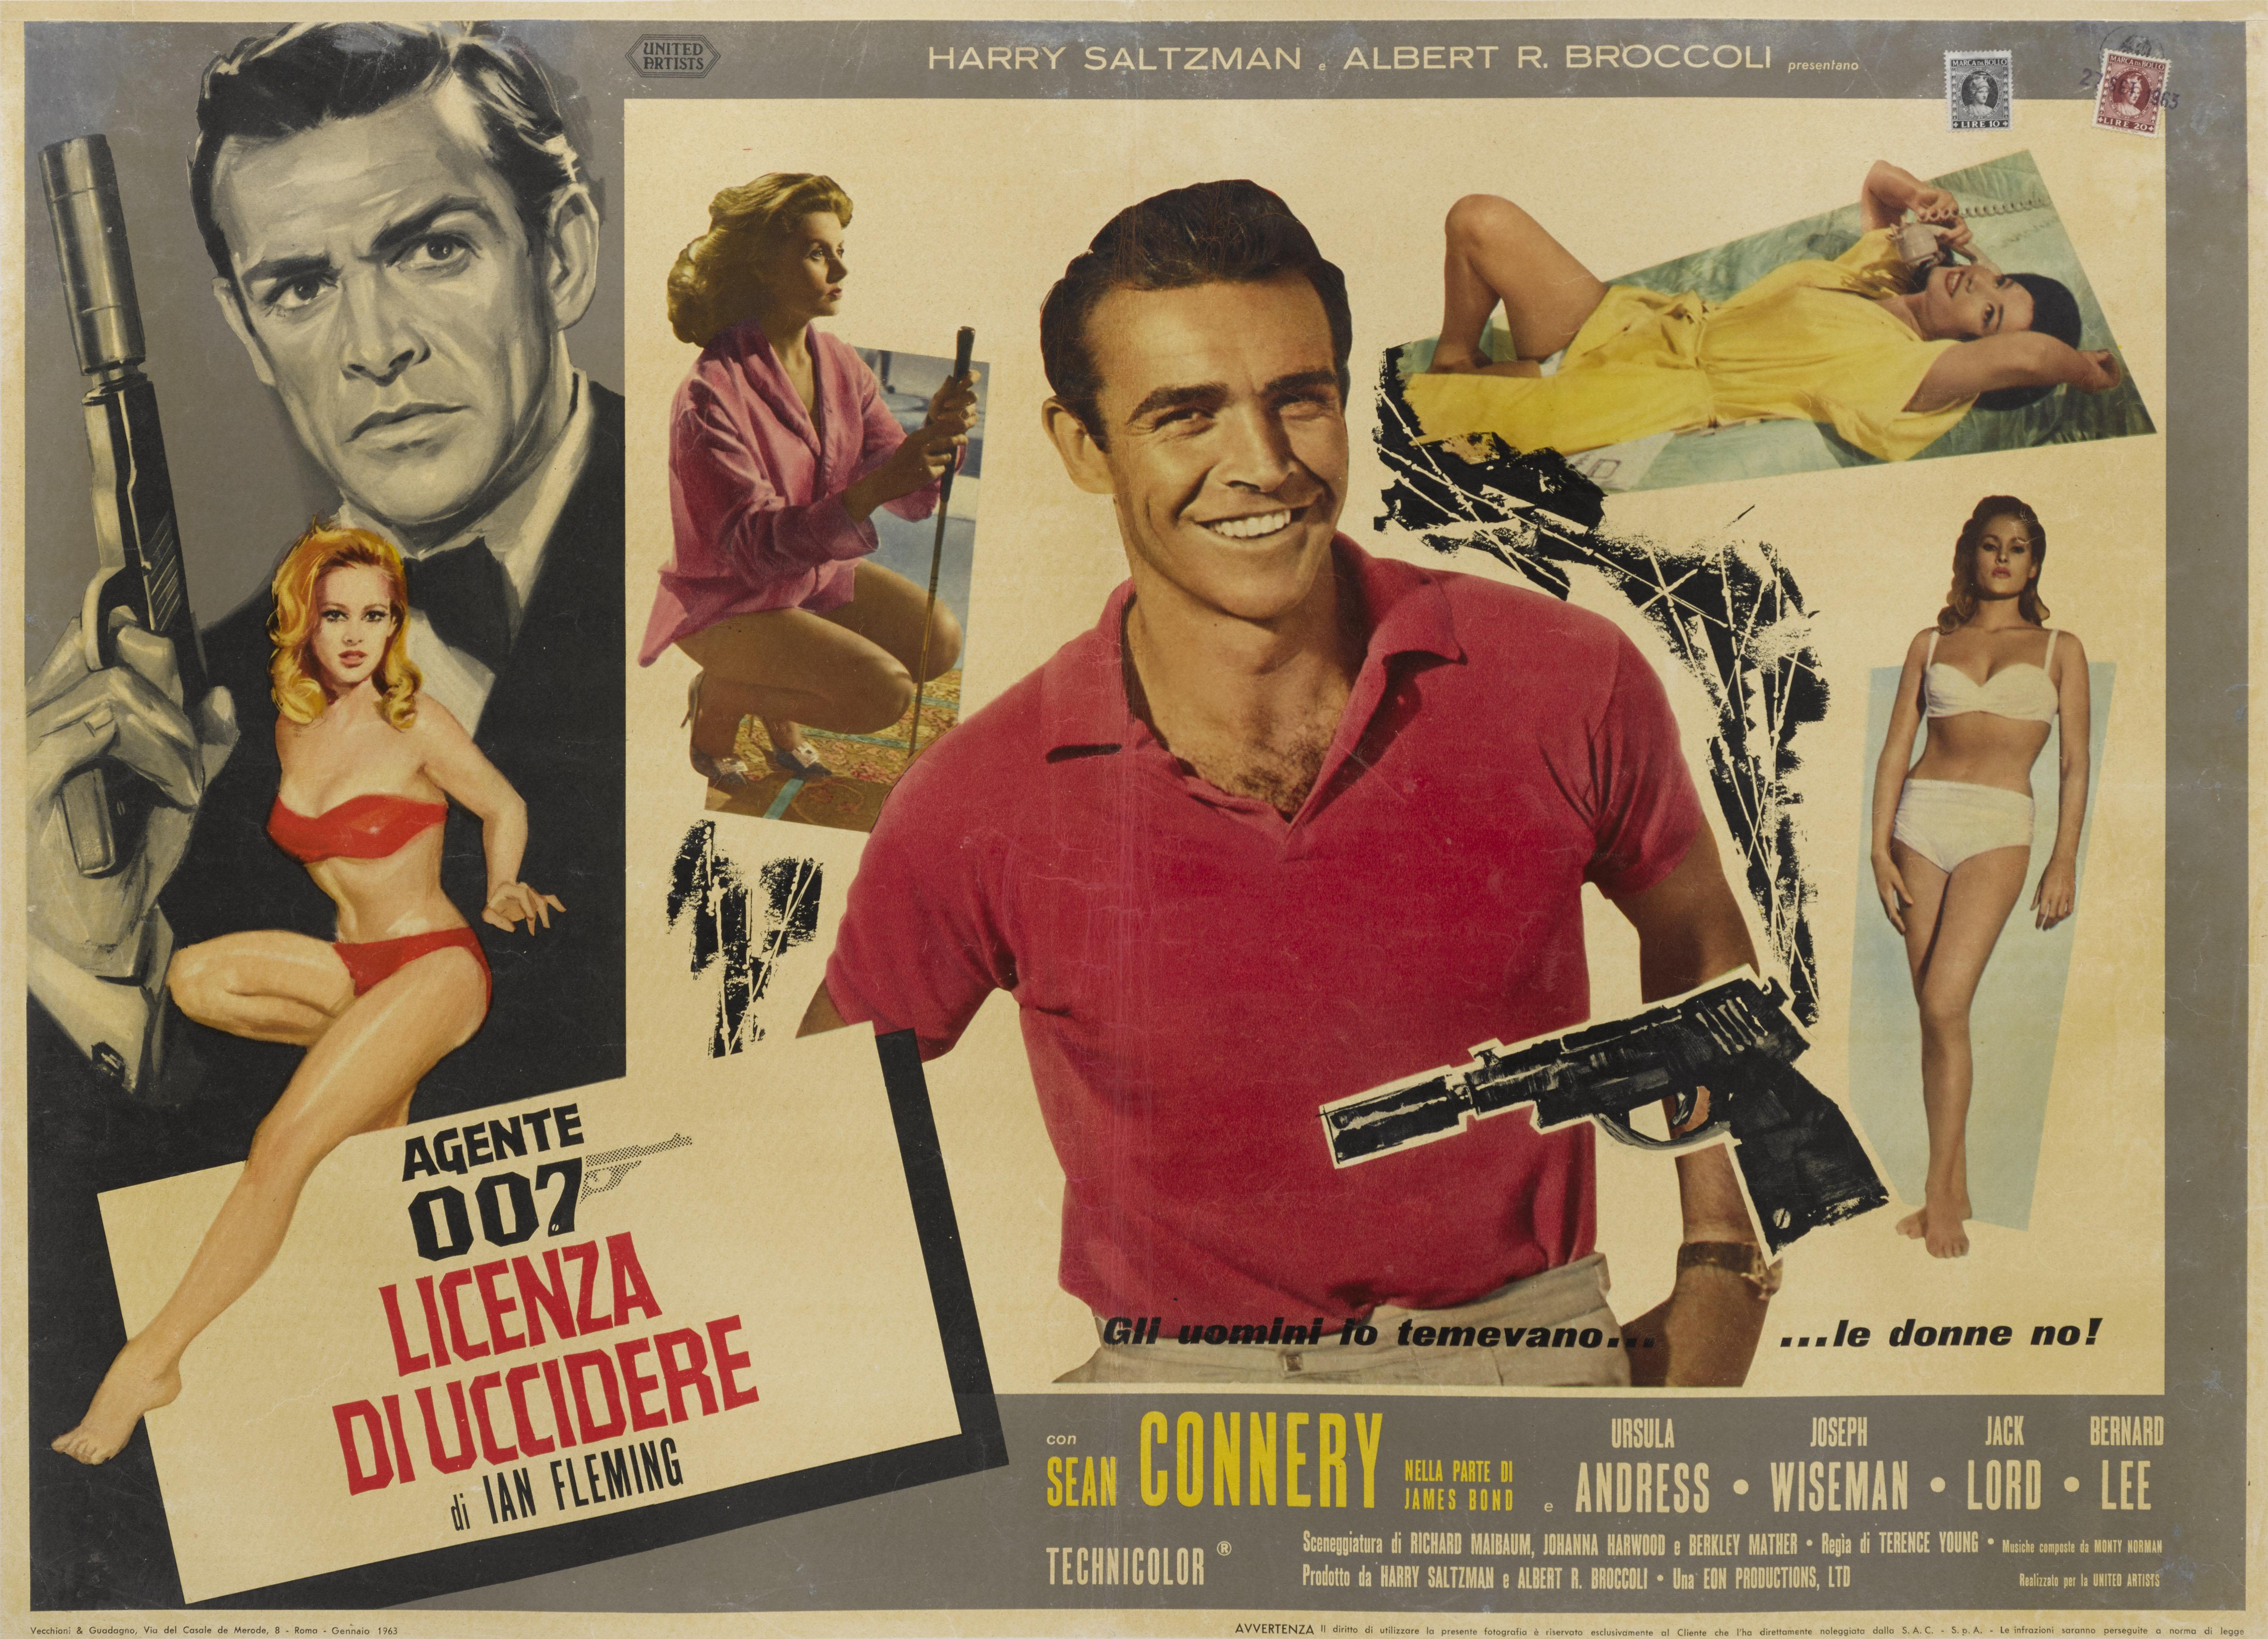 DR. NO / AGENTE 007 - LICENZA DI UCCIDERE (1962) POSTER, ITALIAN, FIRST ITALIAN RELEASE 1963